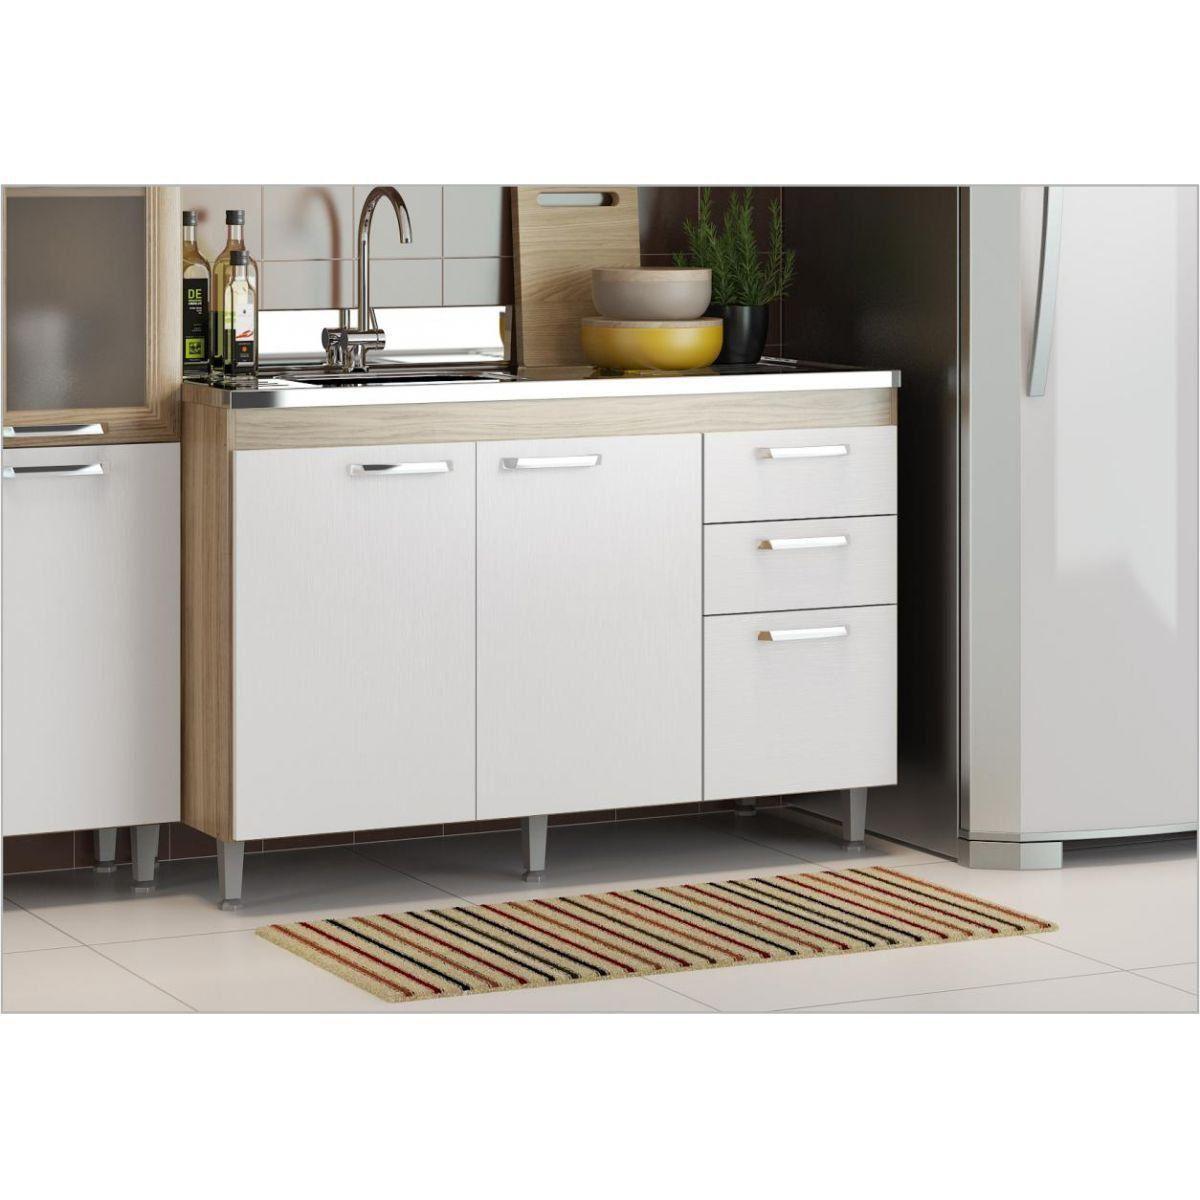 Ambiente Modulado para Cozinha com Armário Aéreo 120 cm Toscana Argila com Branco - Multimóveis